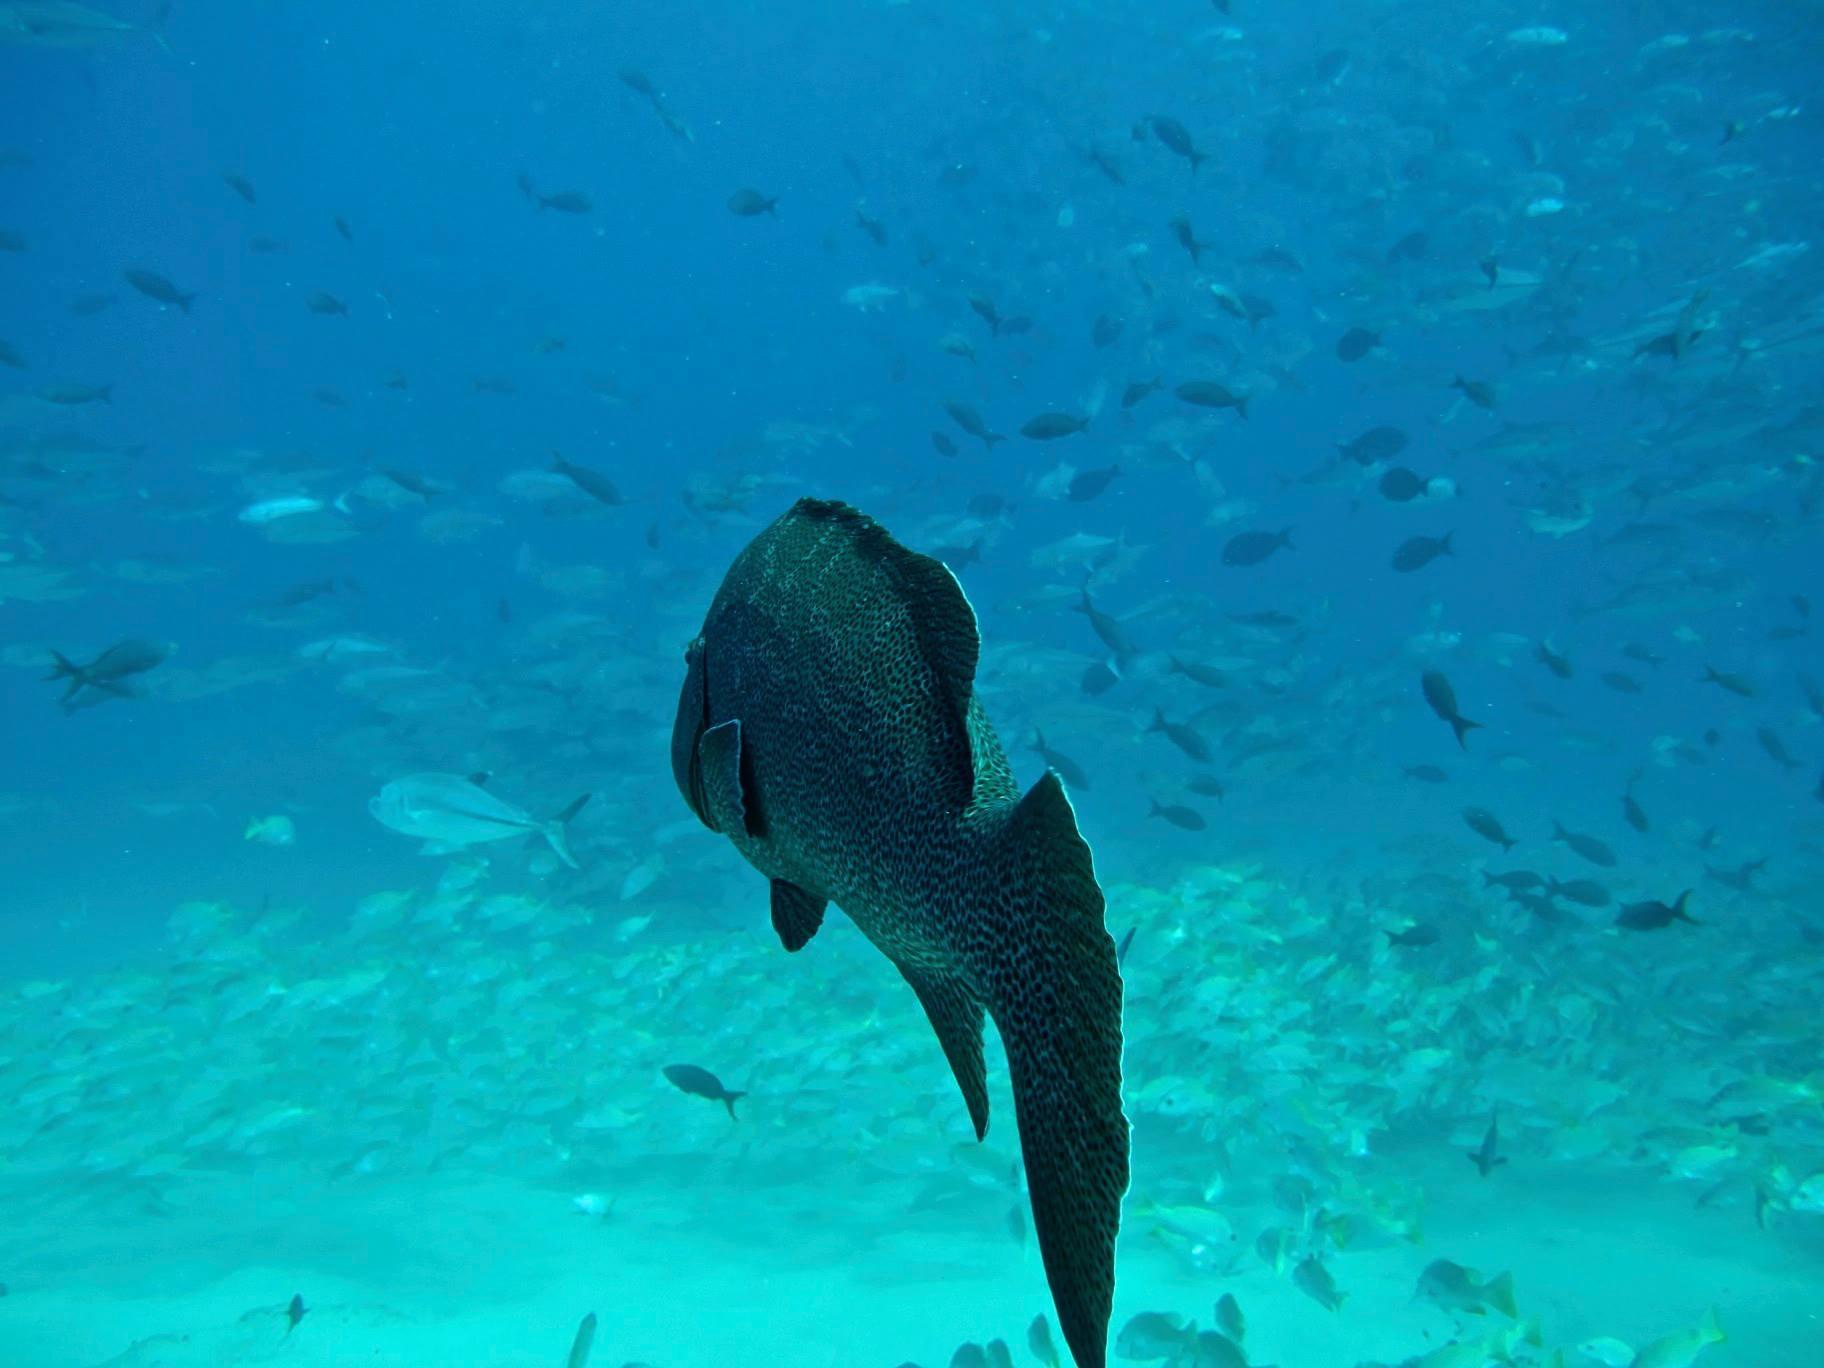 Canadá busca prohibir plásticos desechables para proteger los océanos